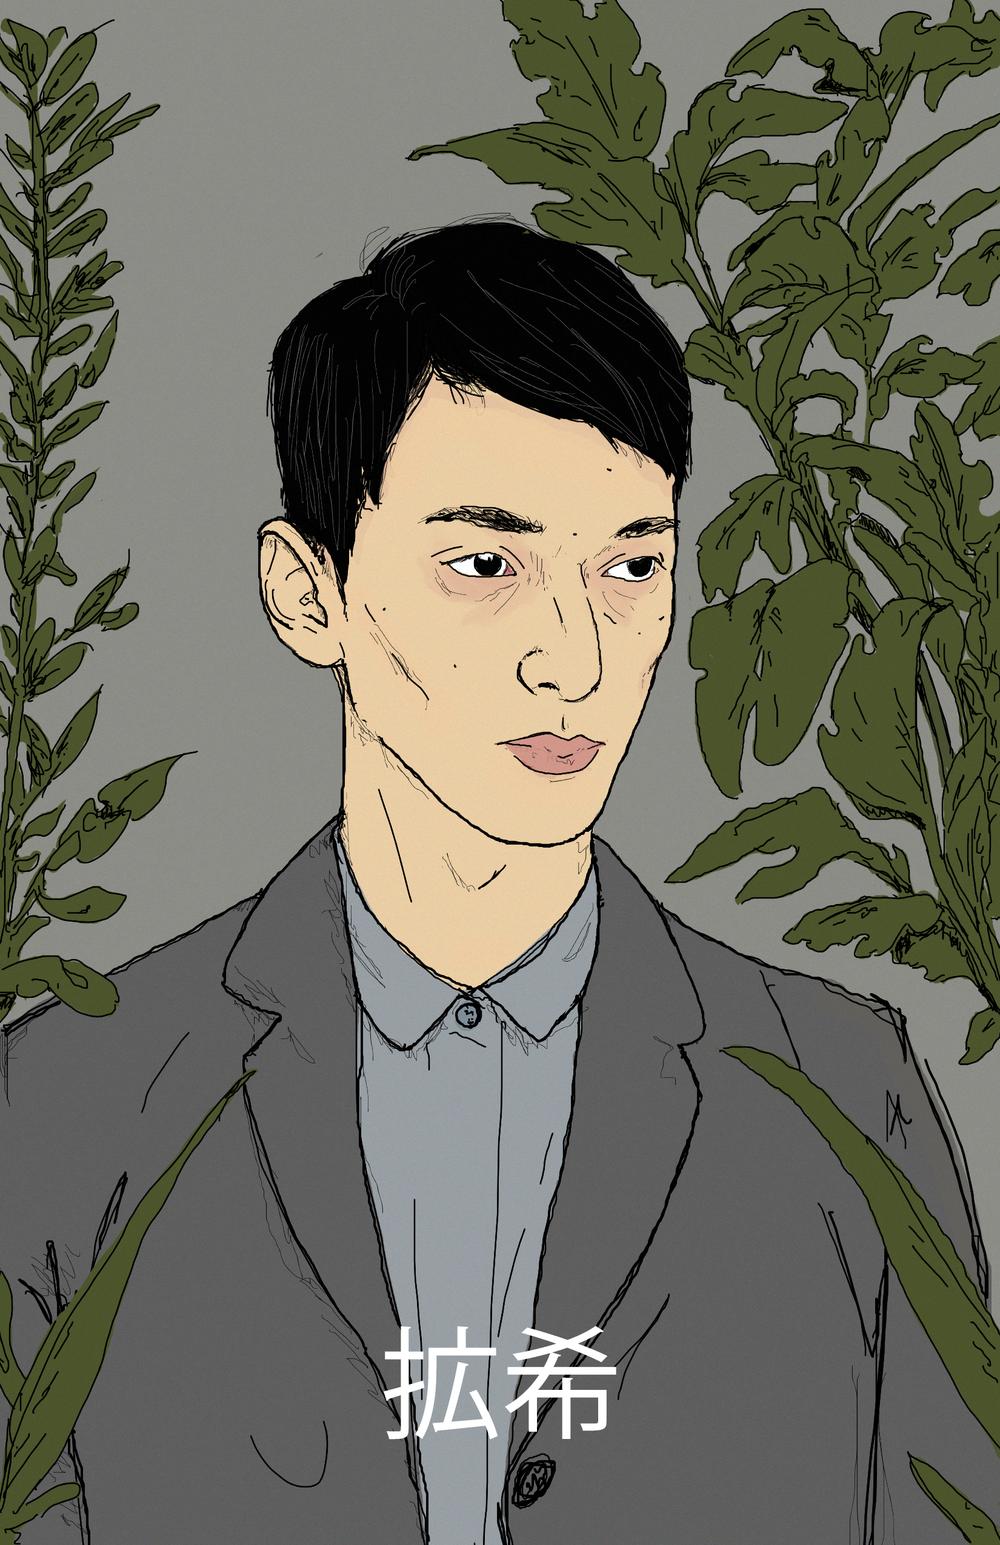 hiroki x plants otp